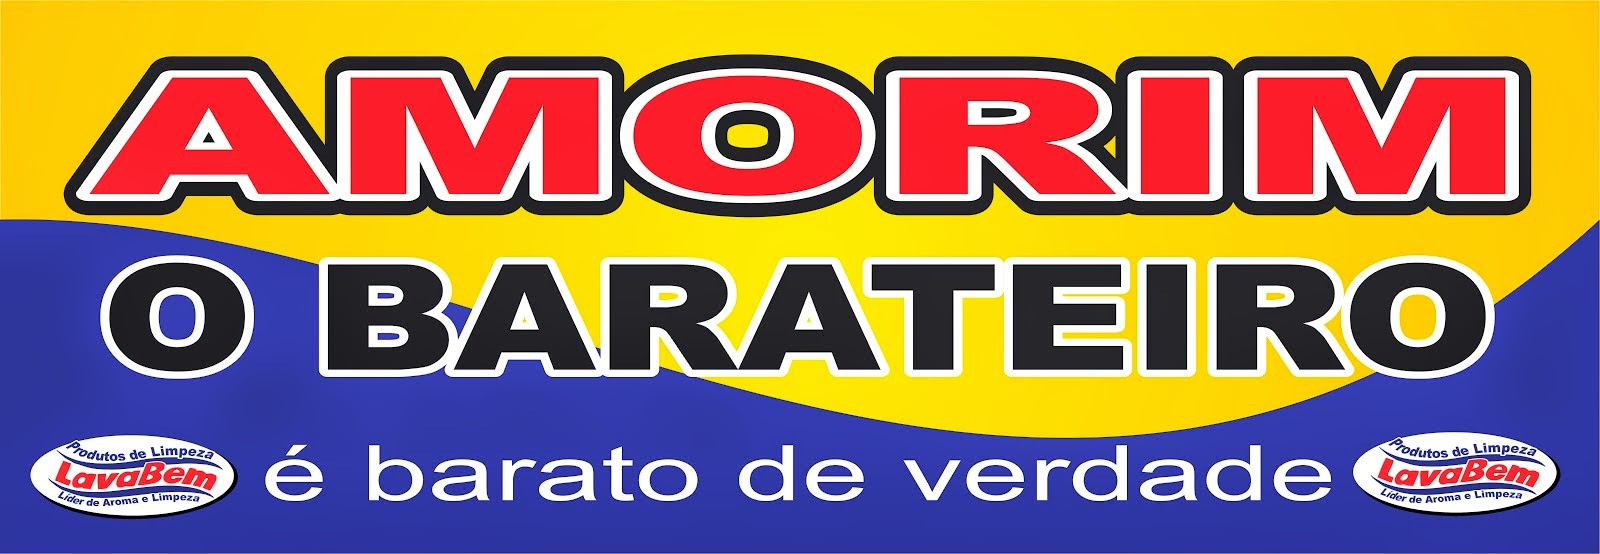 Amorim (O BARATEIRO) NA RUA DO TUCUM- EM ALTO ALEGRE DO-MA